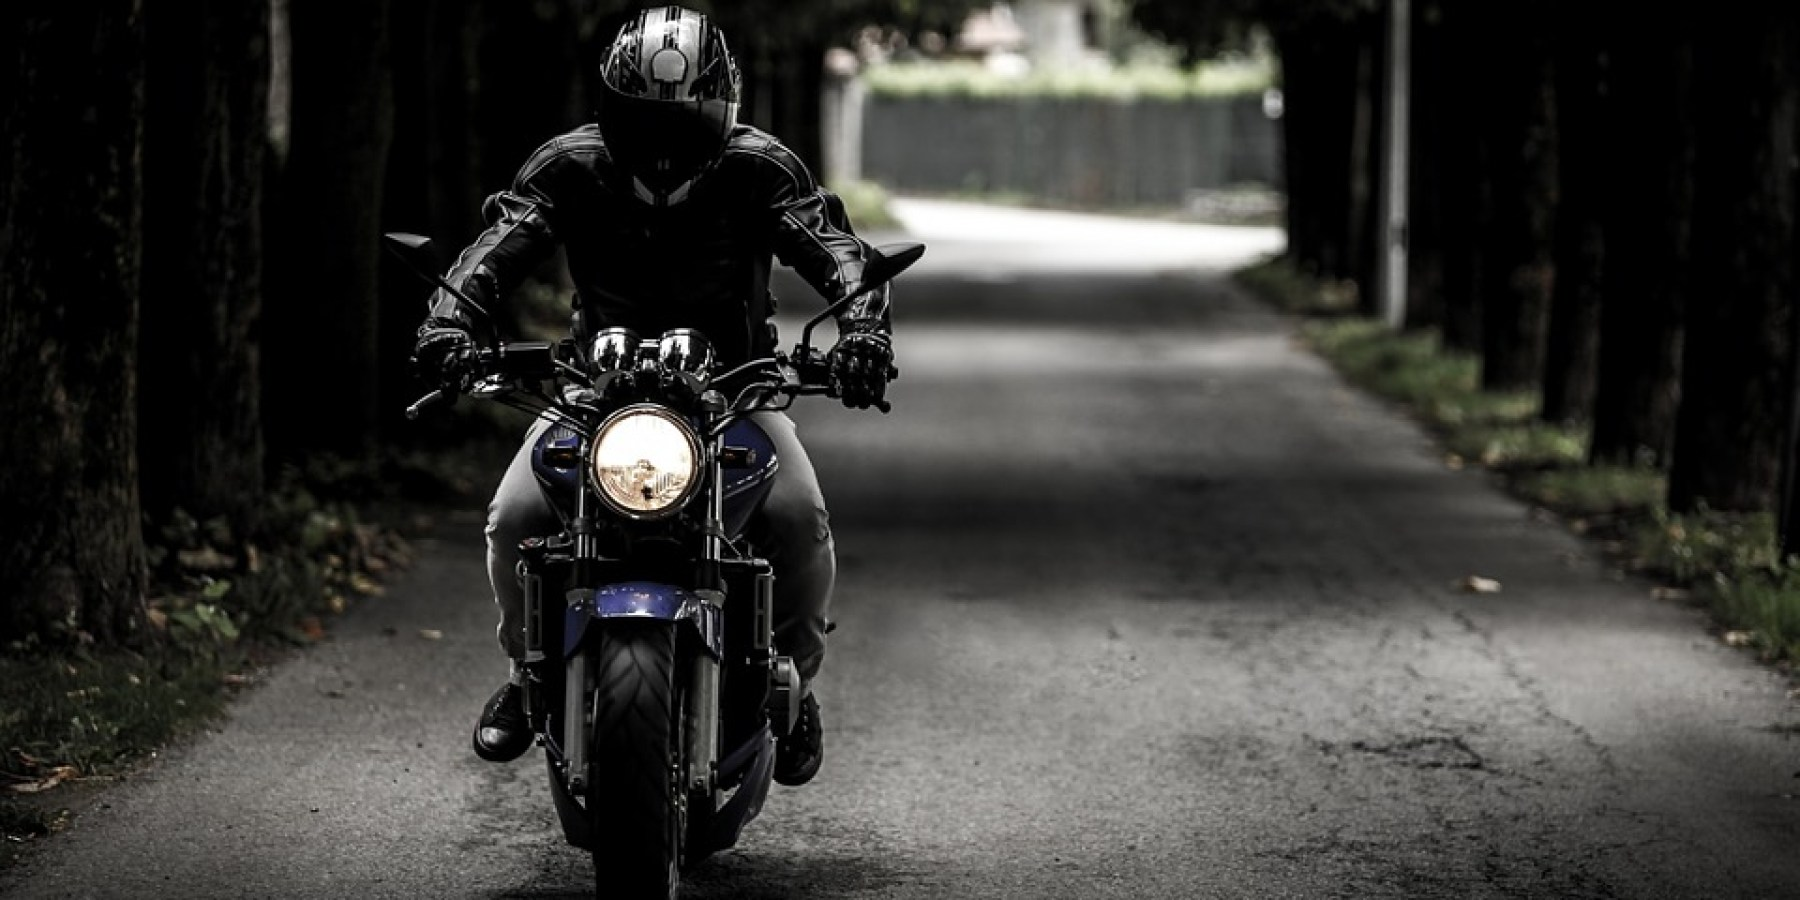 ADAC weitet Angebot zur Anmietung von Motorrädern auf 7 Urlaubsländer aus